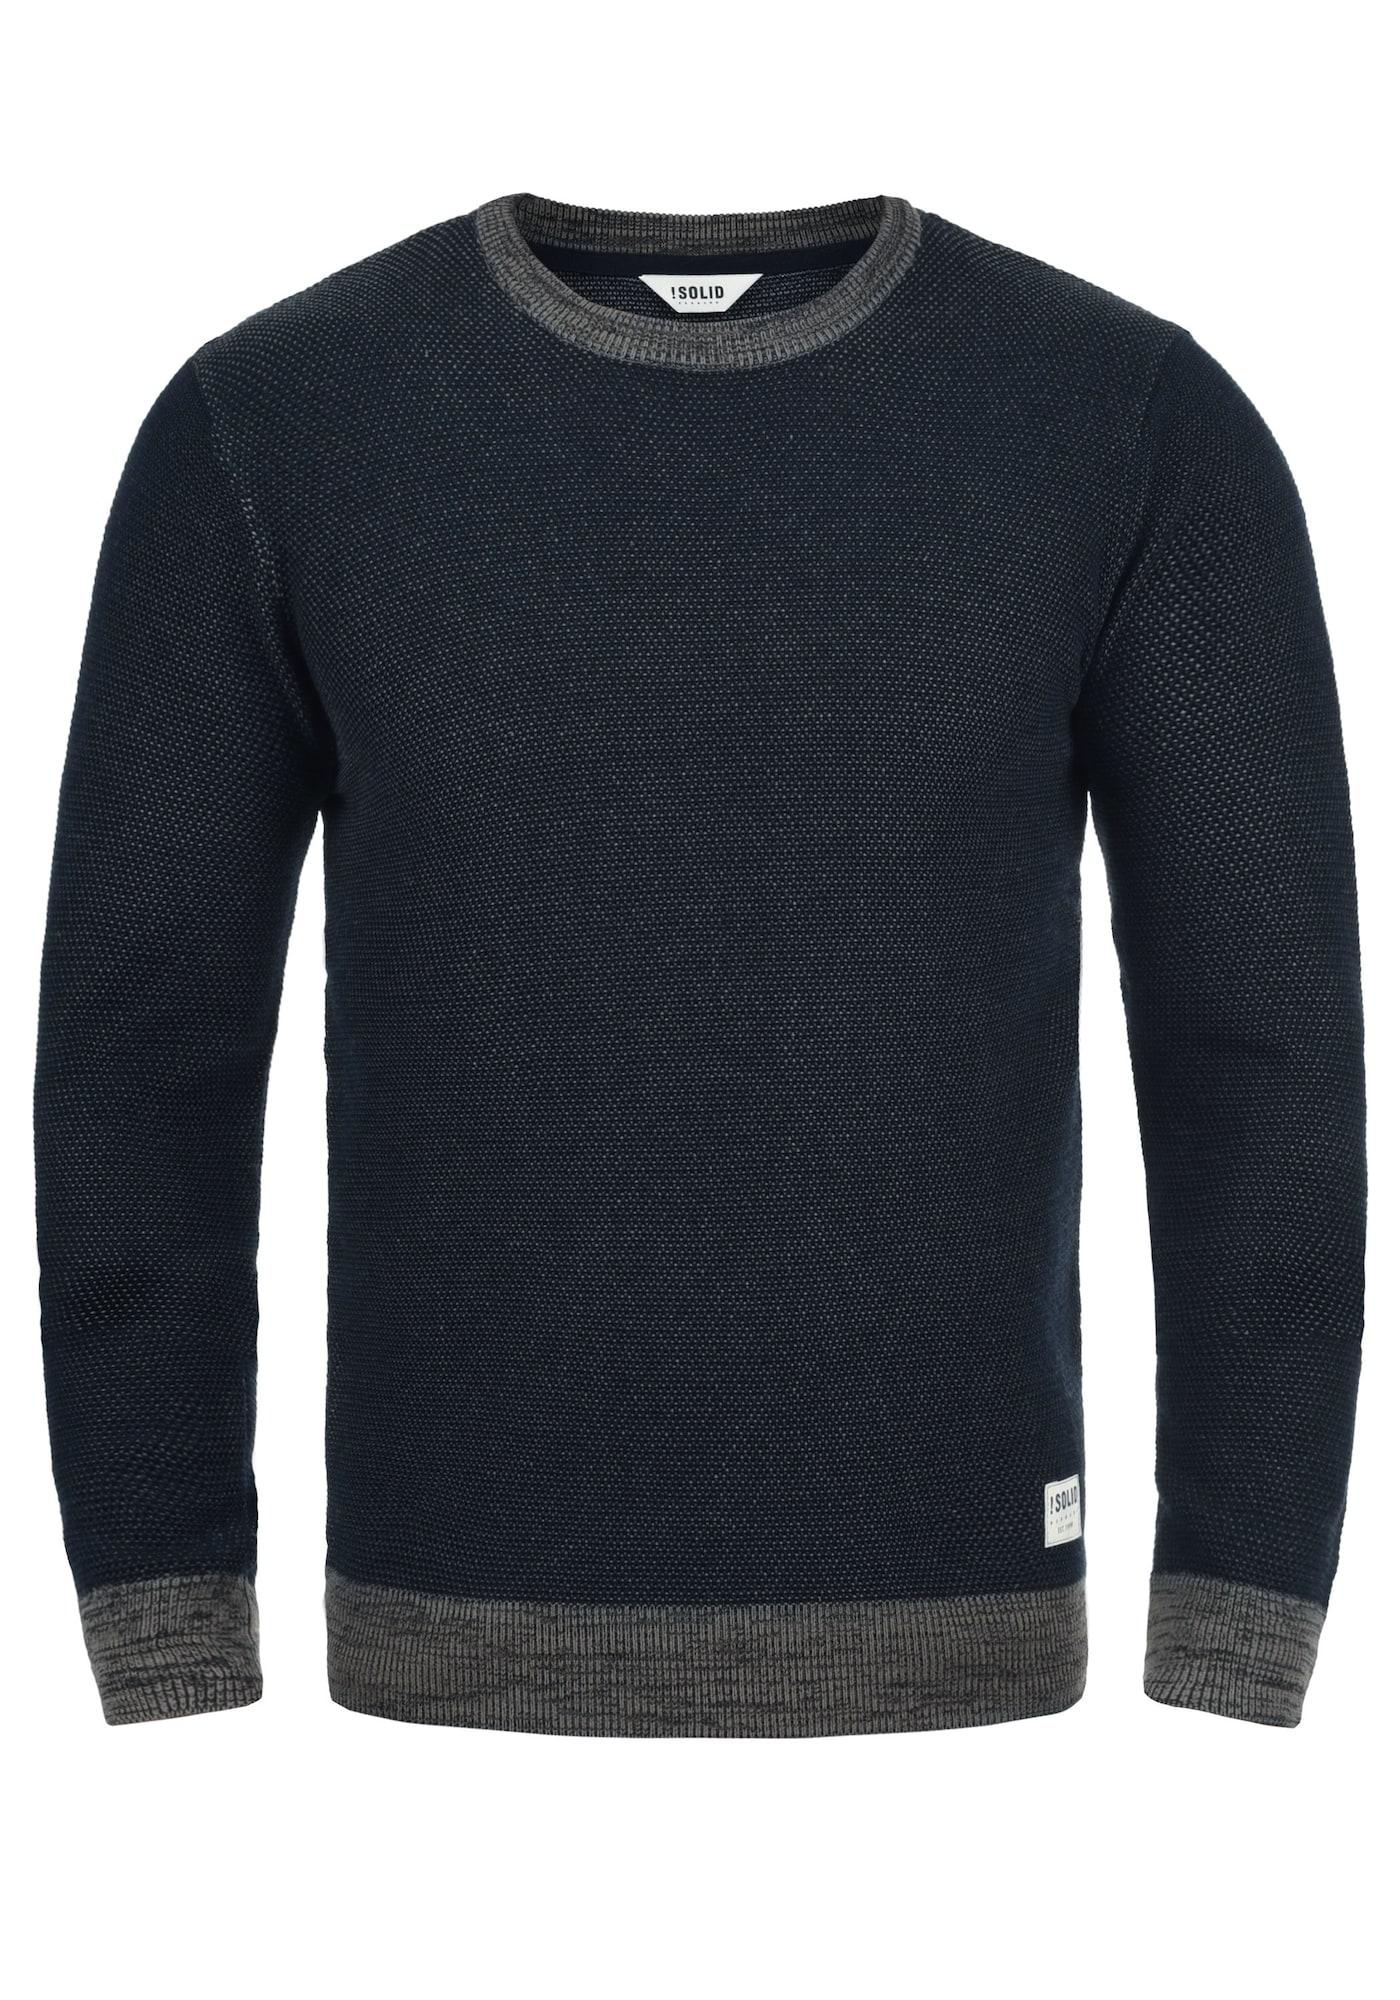 Rundhalspullover 'Raekwans' | Bekleidung > Pullover > Rundhalspullover | Blau | !solid